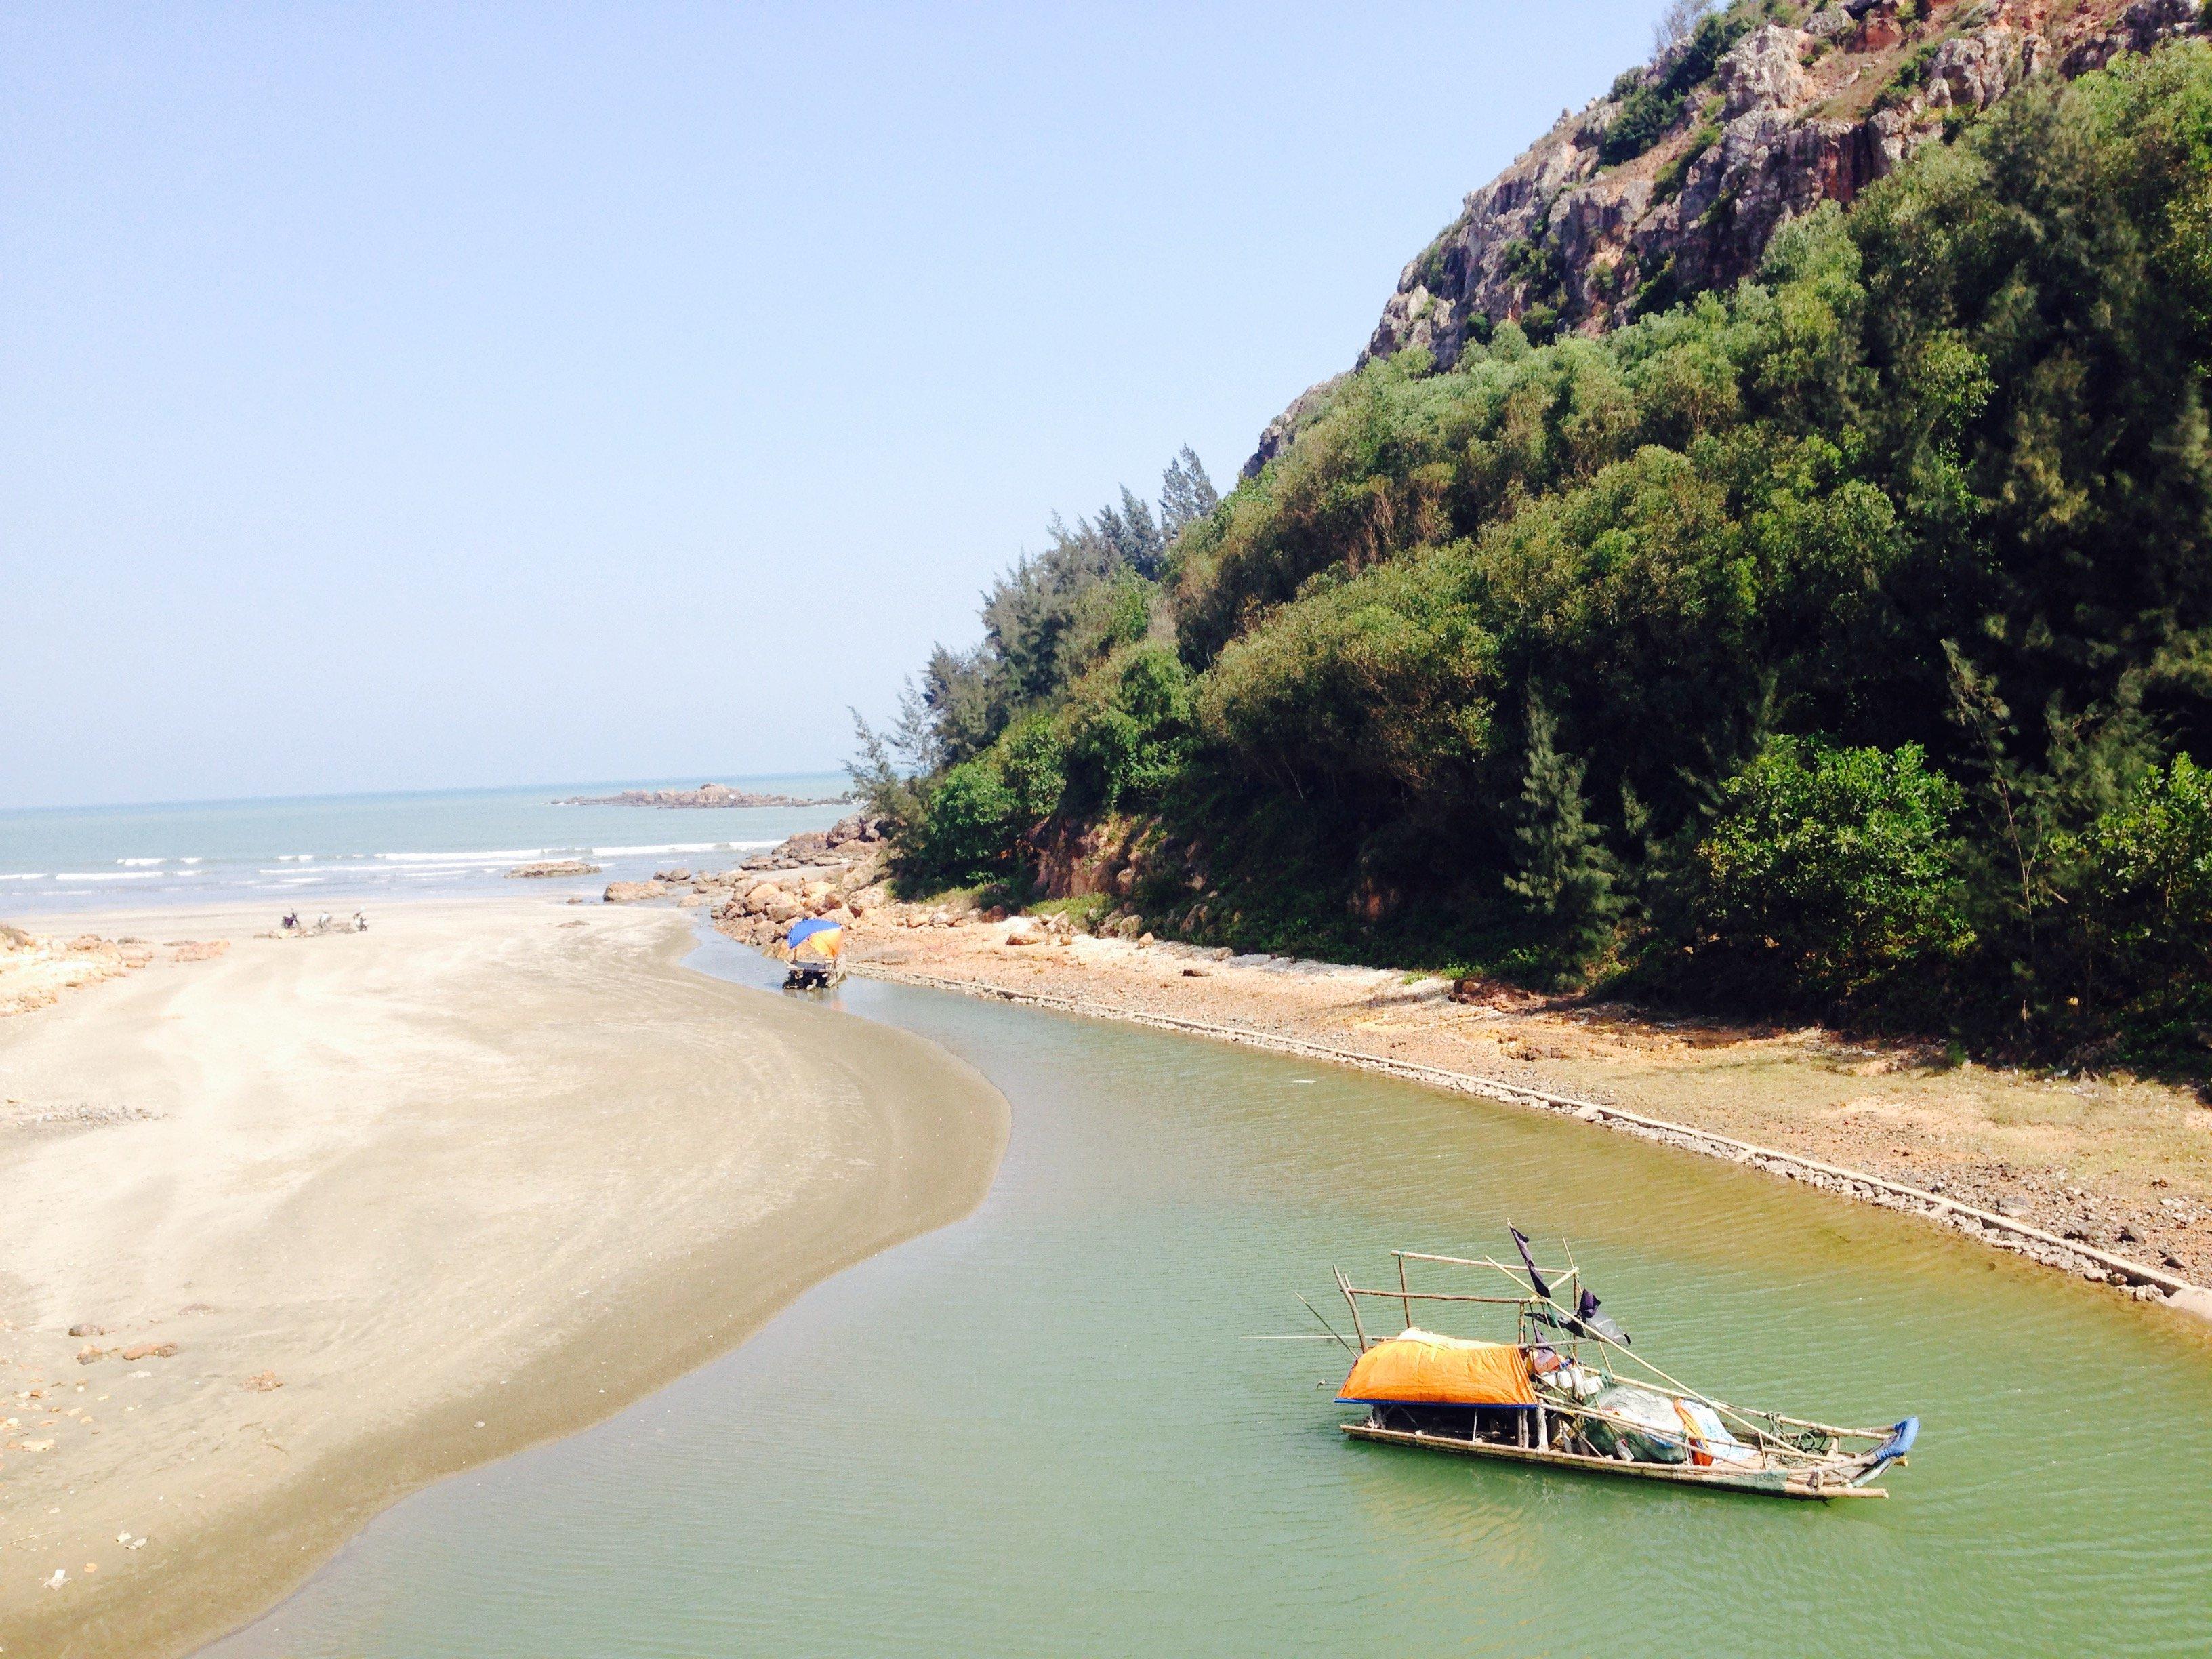 Hình ảnh Biển Quỳnh hoang sơ và đẹp quyến rũ trong nắng xuân số 5